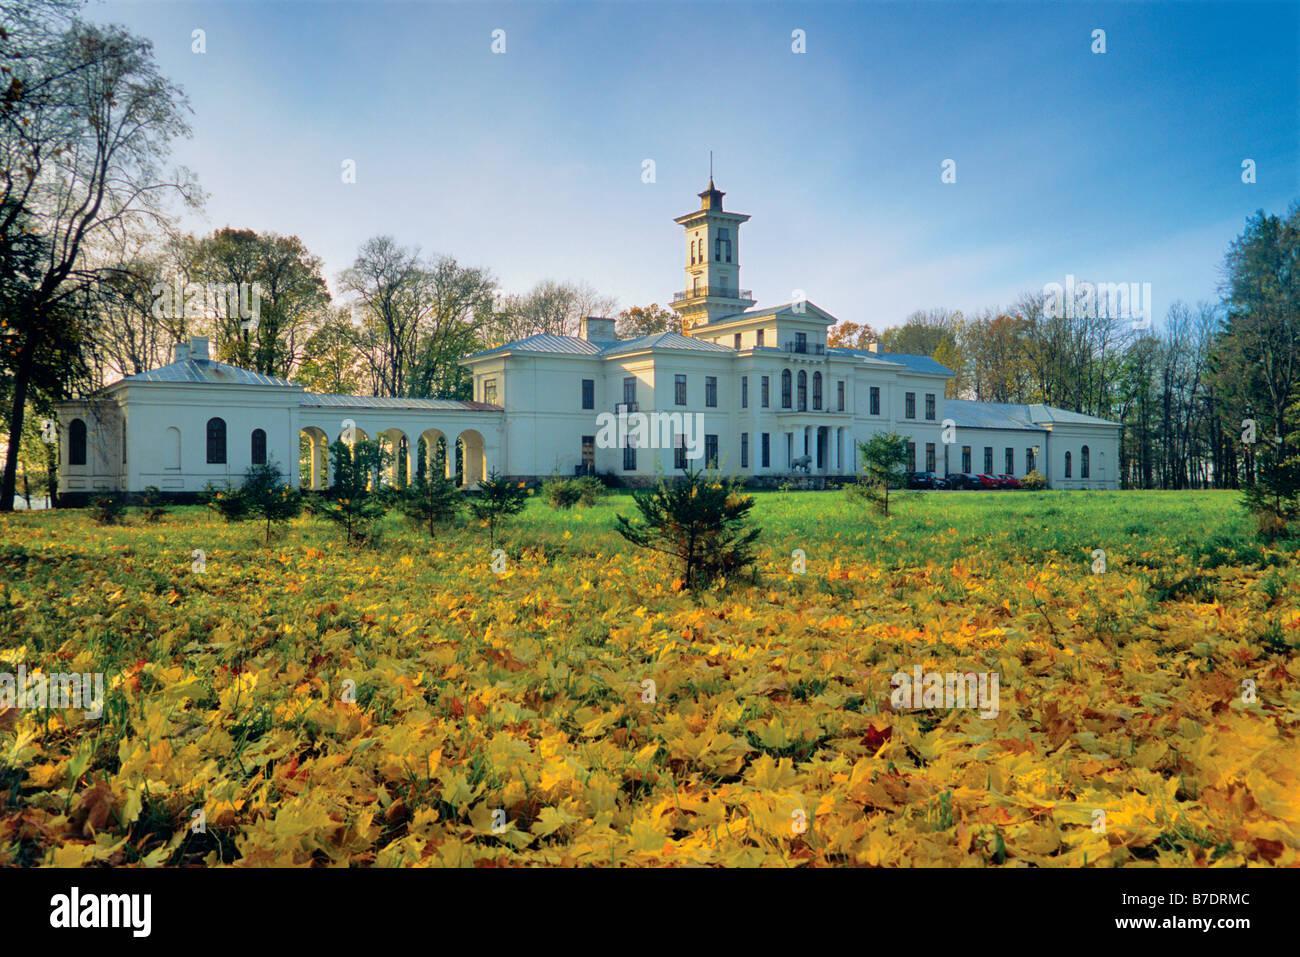 Tyszkiewicz (Tiškevičius, Tiškevičiai) manor at Astravas near Birzai Lithuania - Stock Image